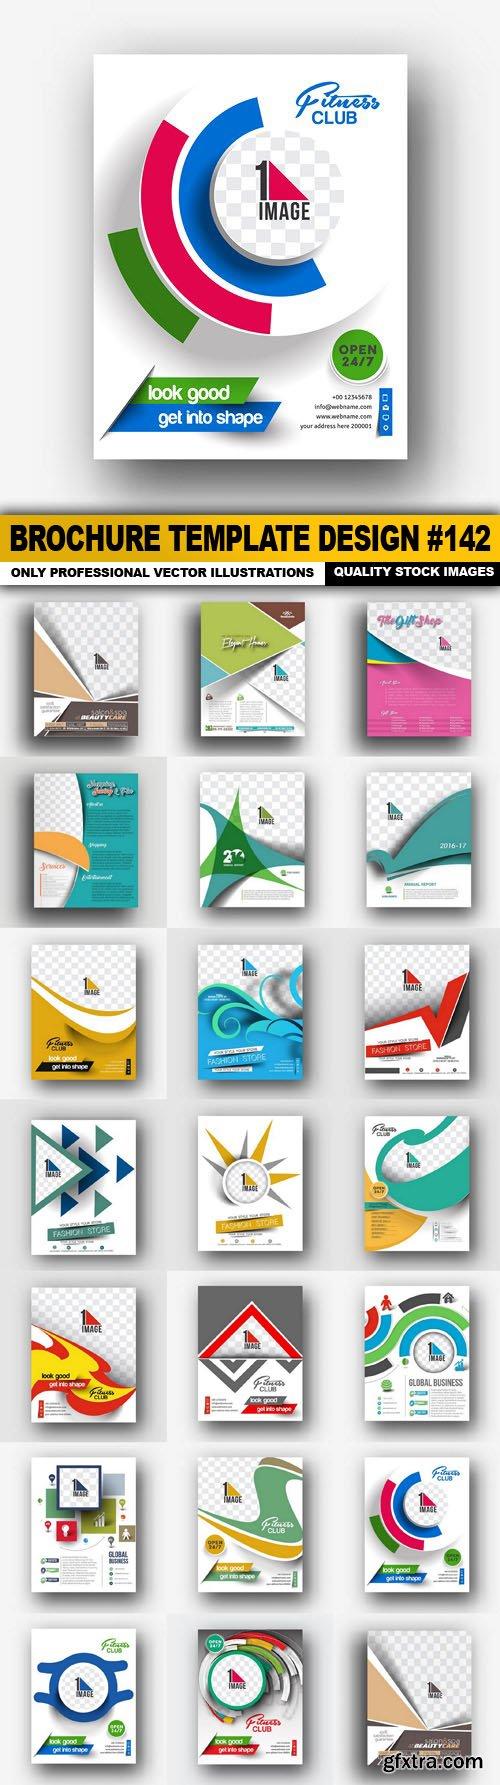 Brochure Template Design #142 - 20 Vector